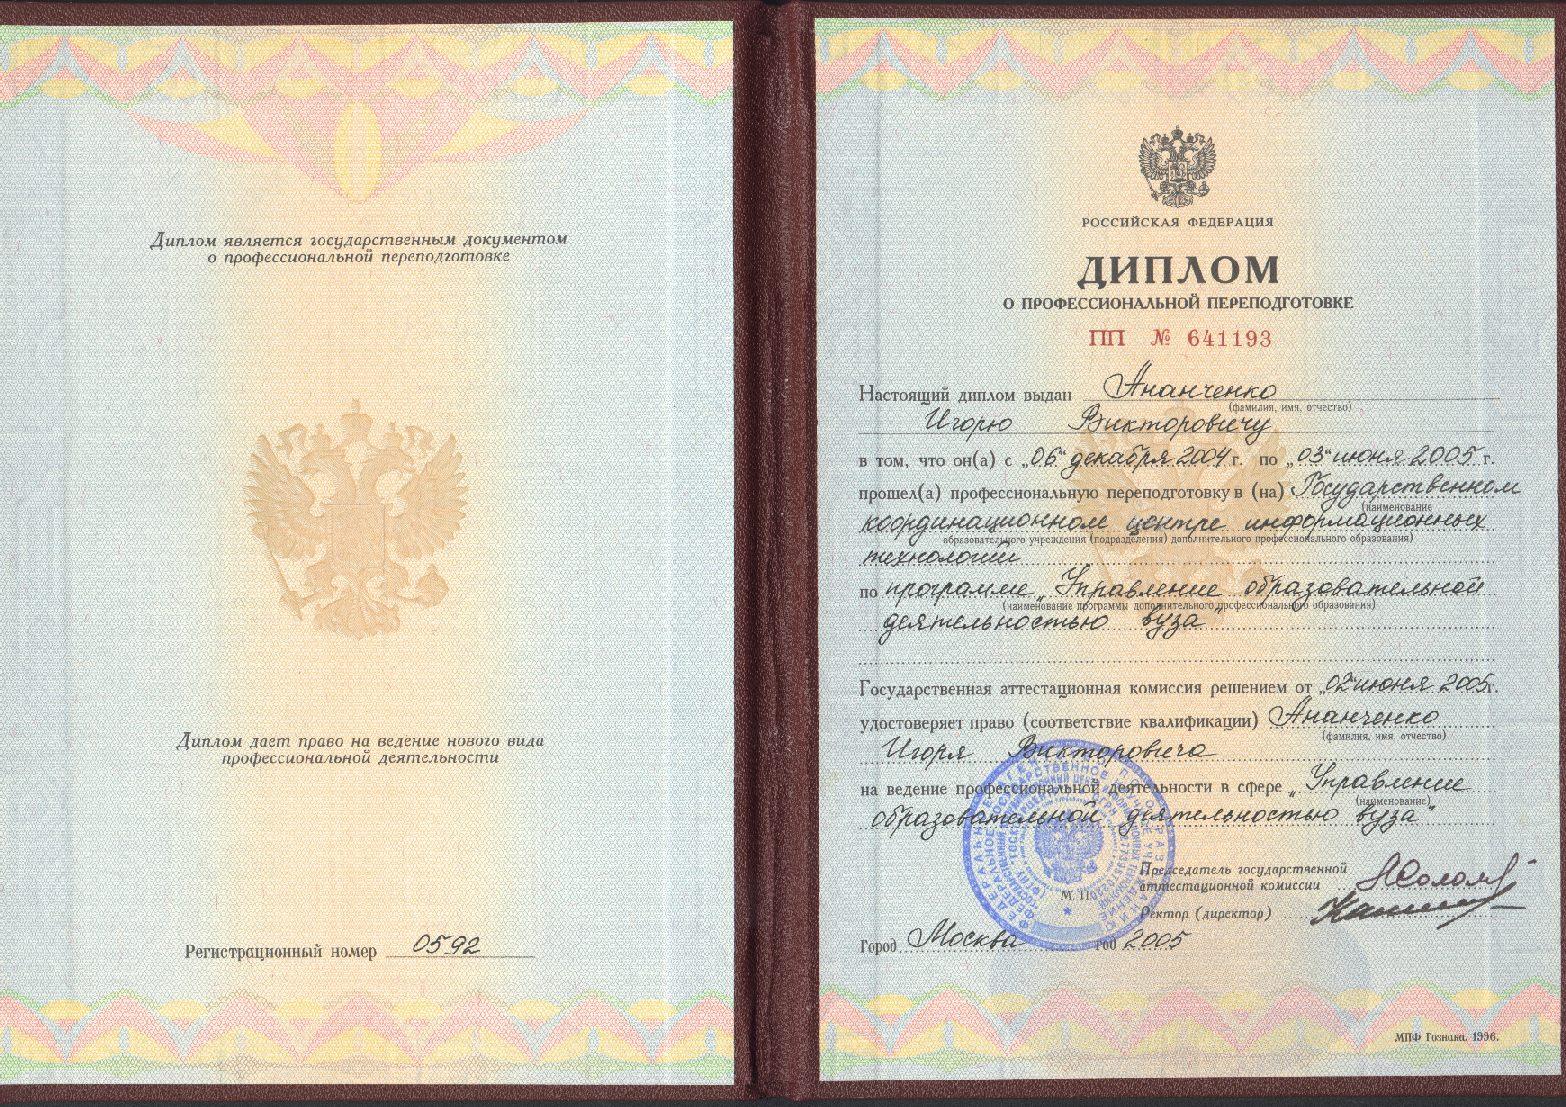 ru Дипломы и сертификаты  Программа Управление образовательной деятельностью вуза 06 12 04 03 06 05